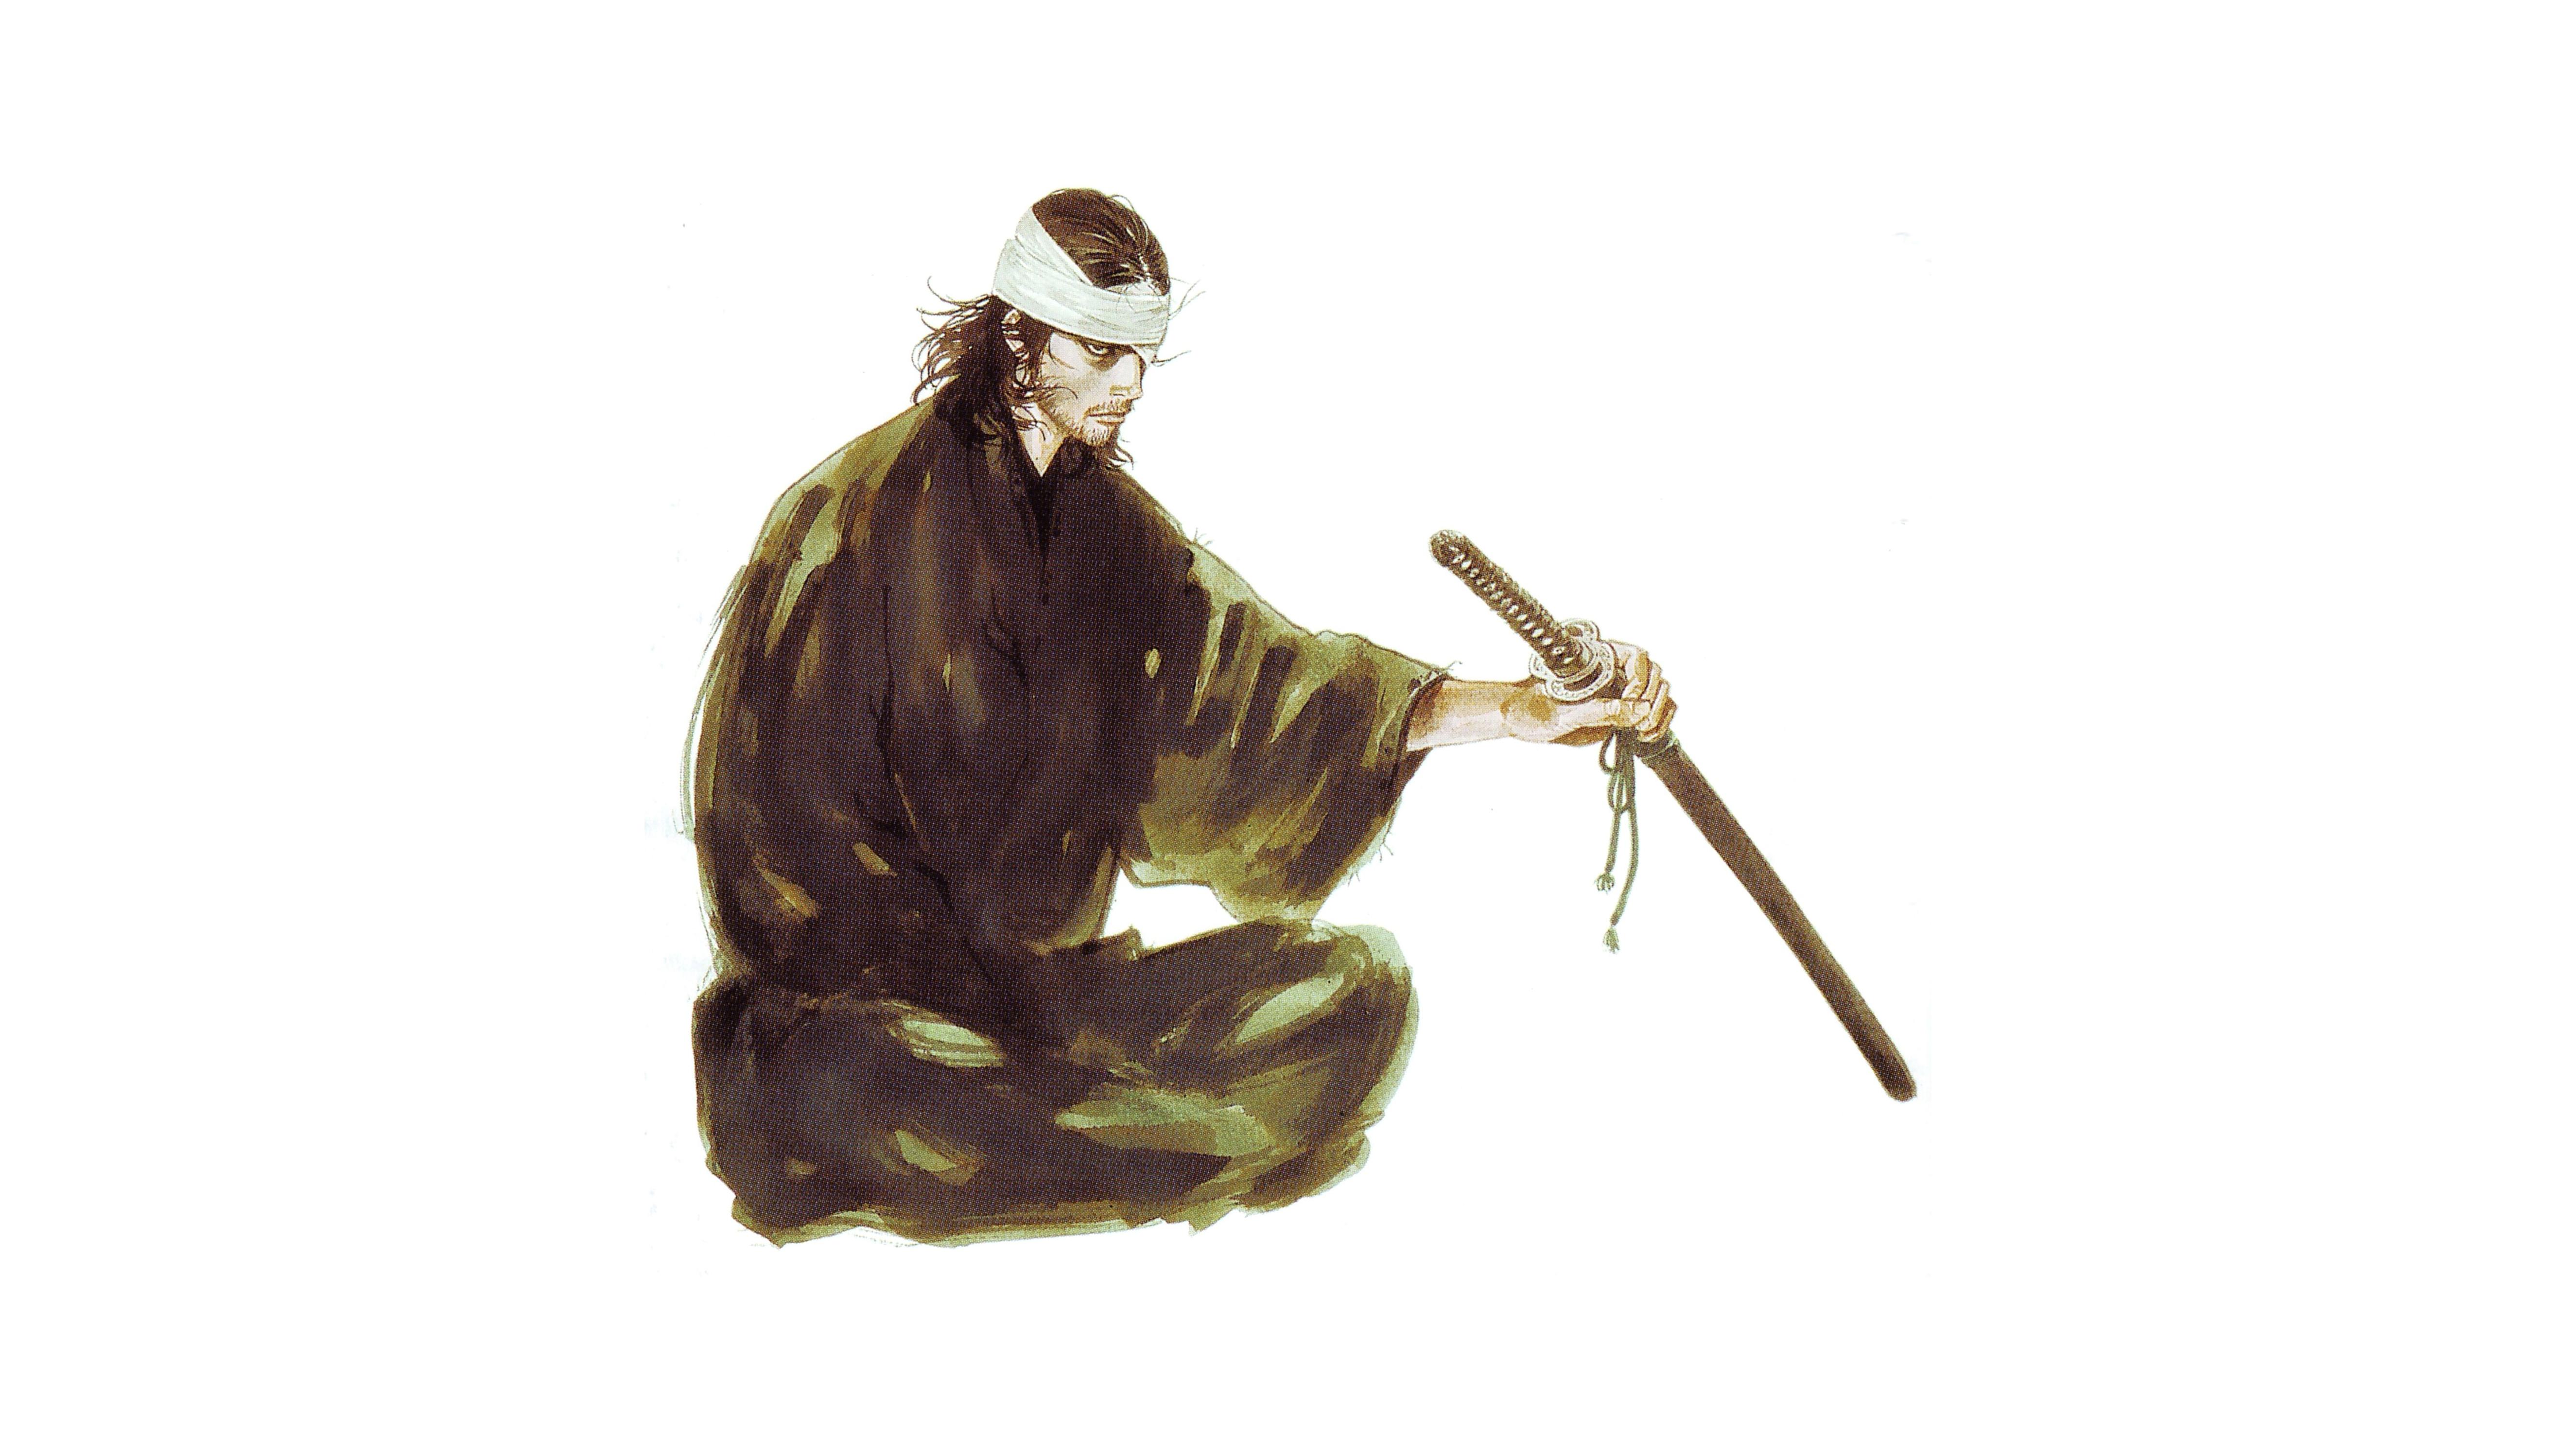 sword desktop wallpaper